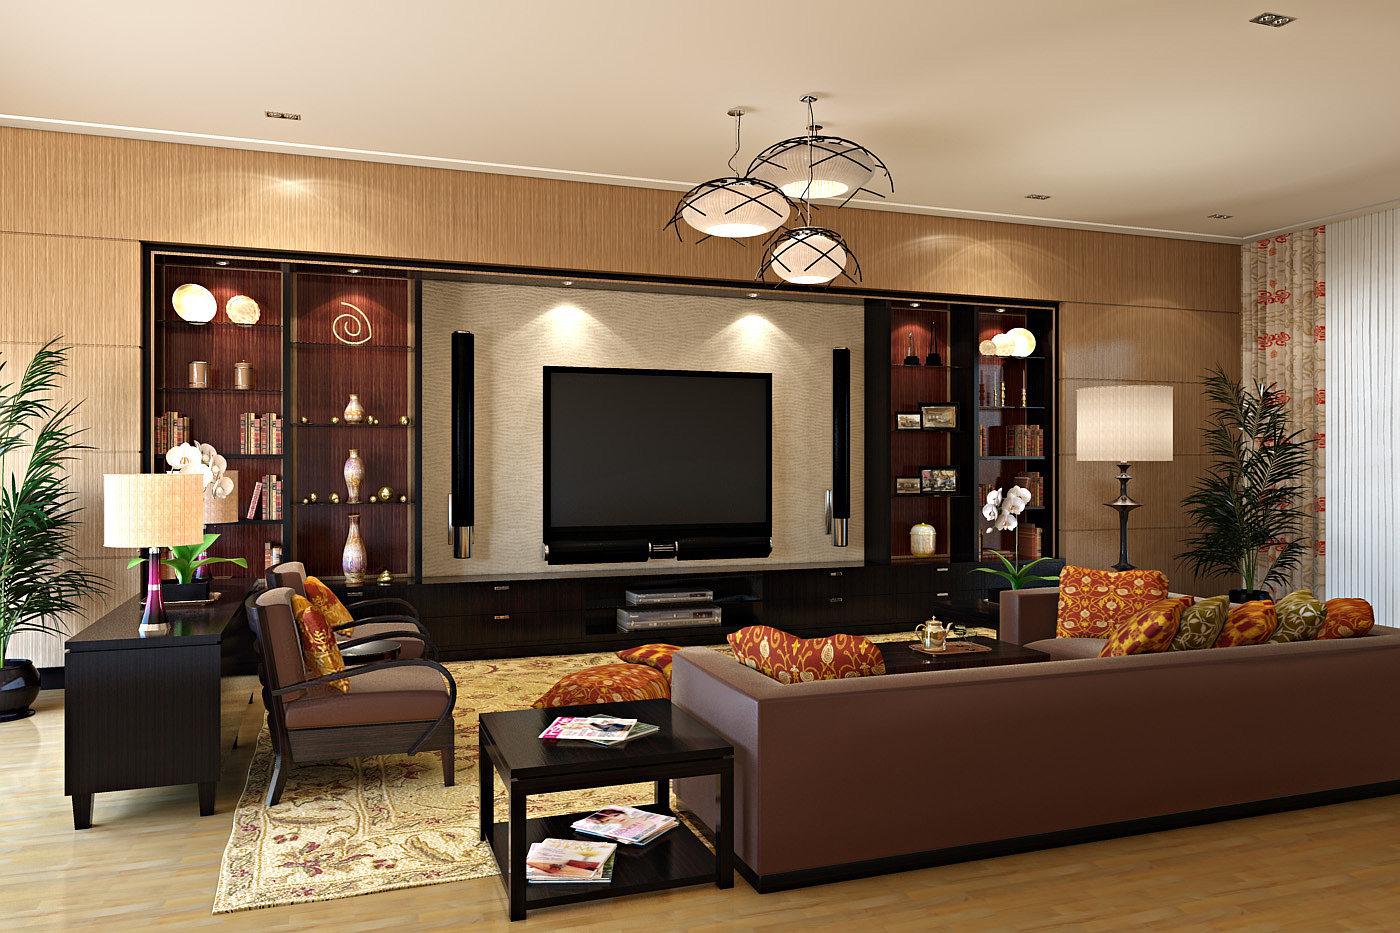 Living room by masvaley on deviantart for Asiatische wohnungseinrichtung